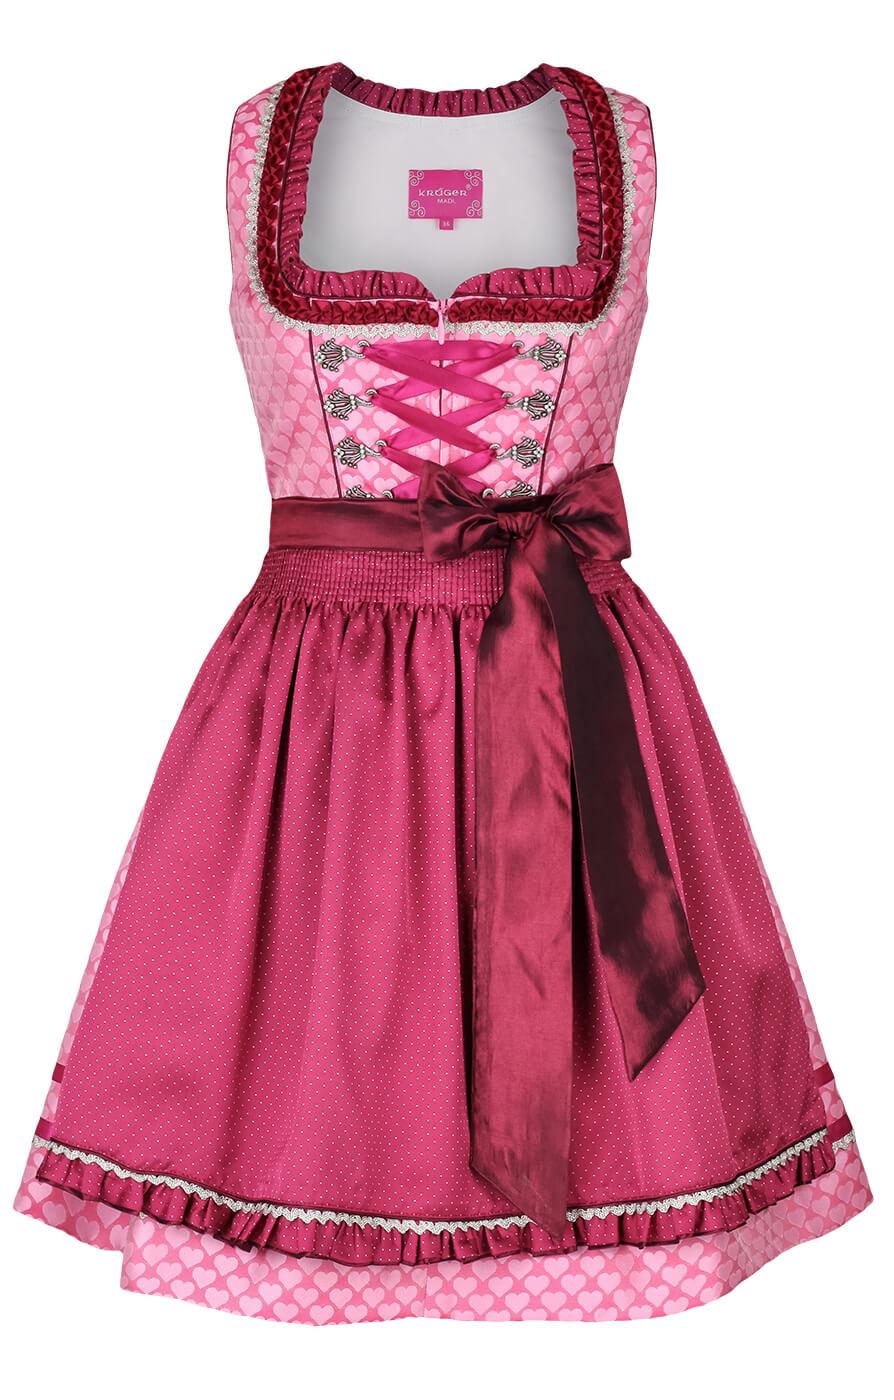 weitere Bilder von Mini Dirndl 2pz. Cayenne 50cm rosa